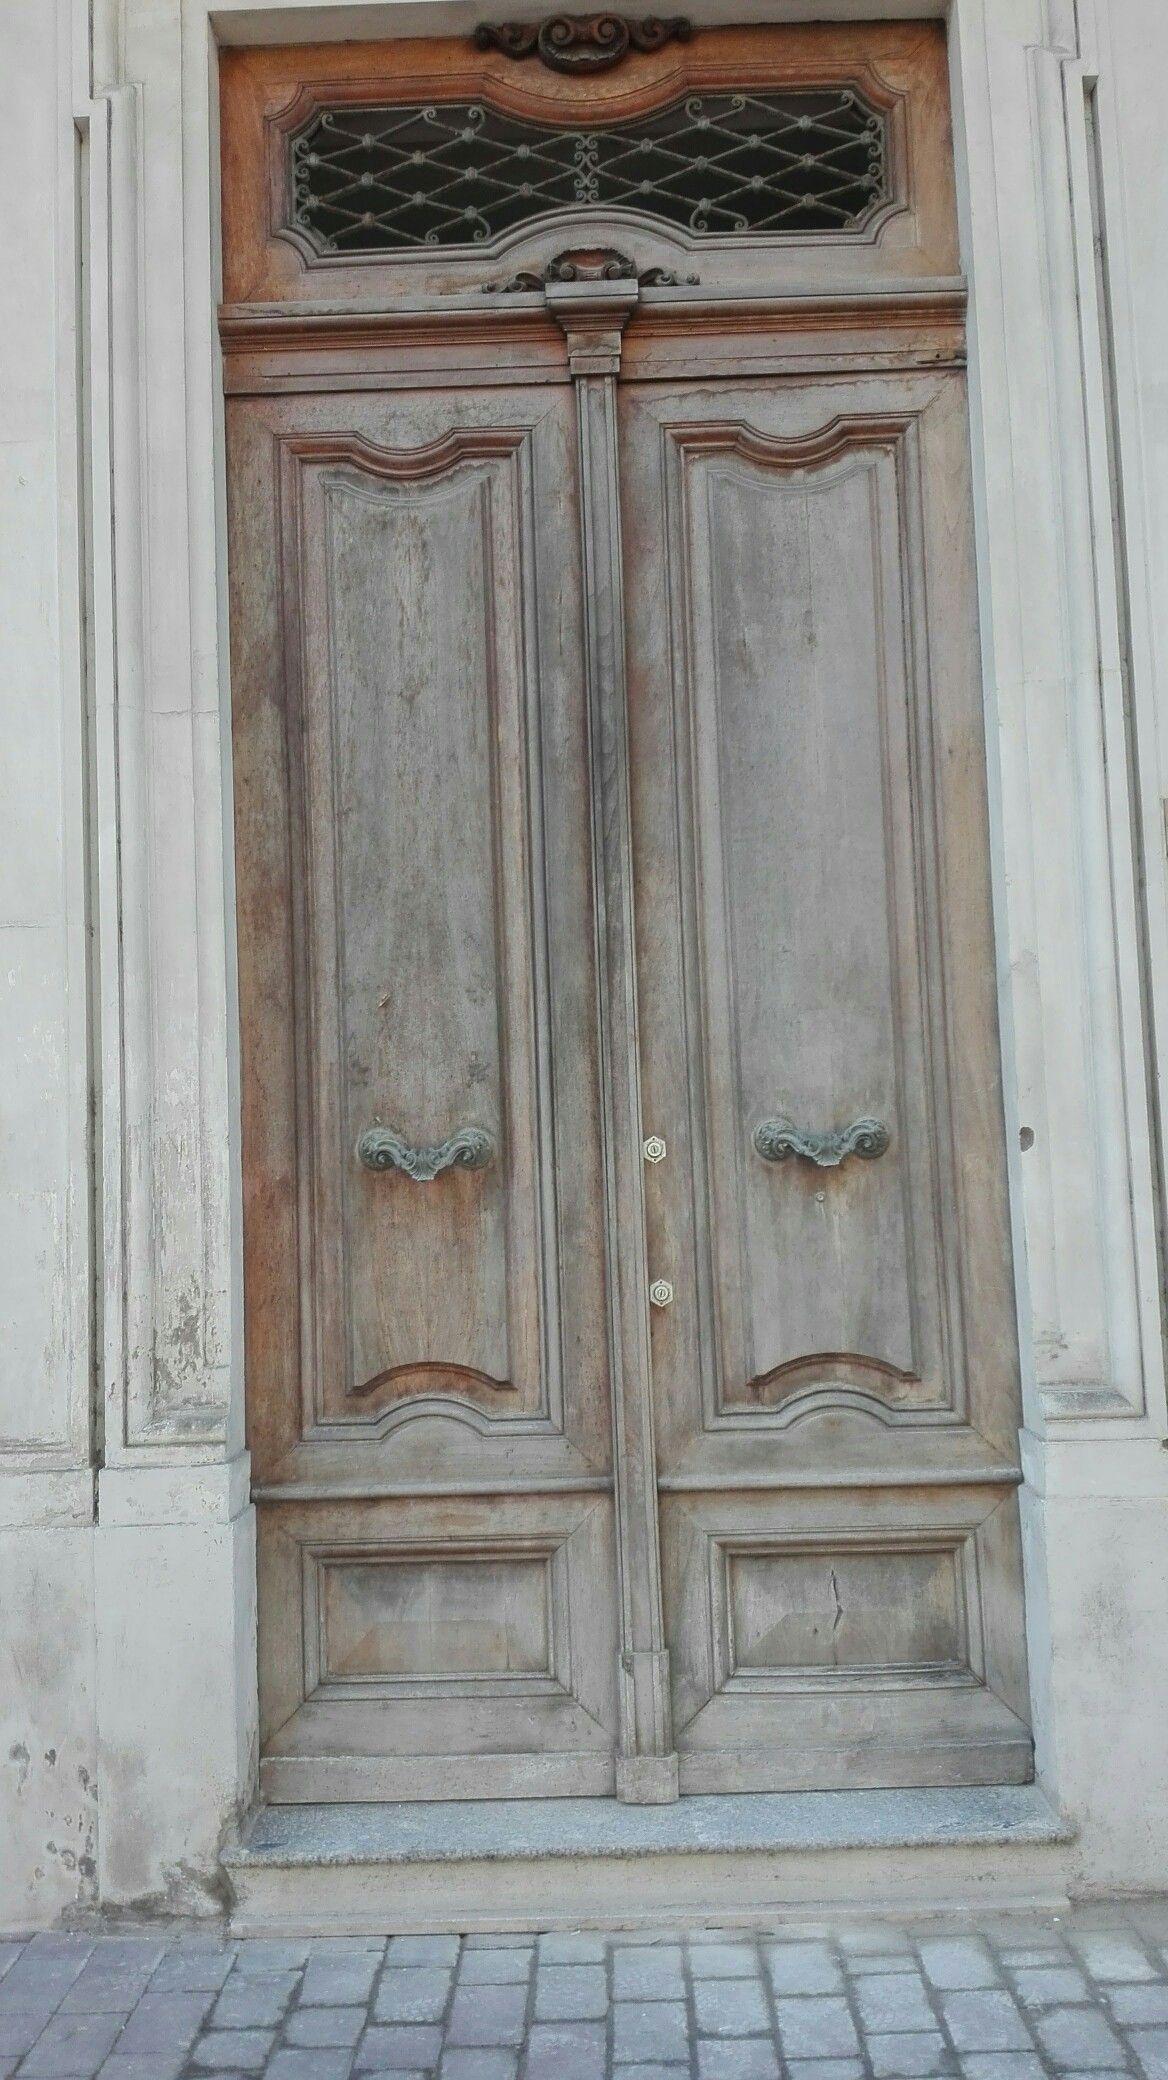 Pin di mazzone restauro doratura m su restauro mobili ...